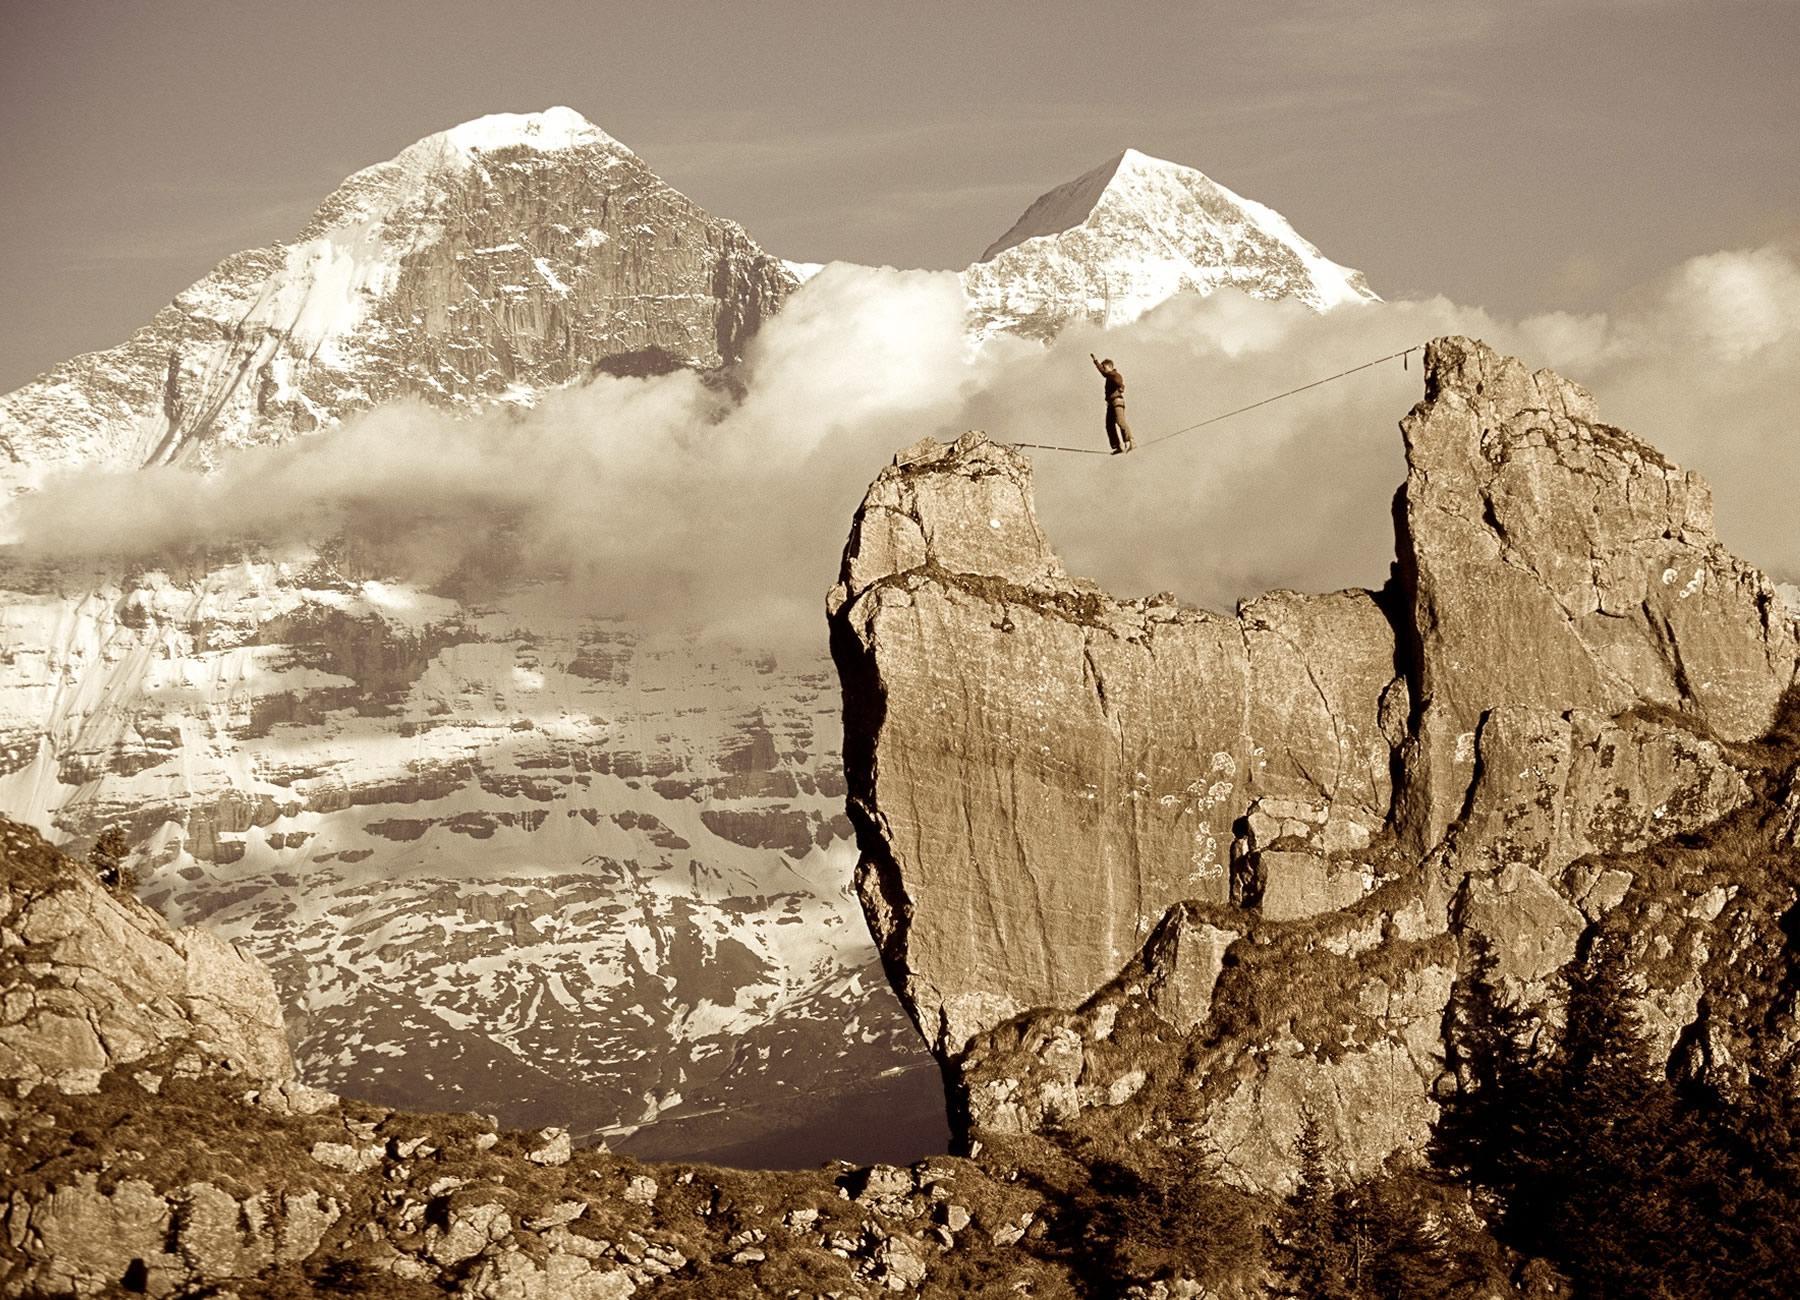 Stephan Siegrist, Profi Alpinist & Basejumper - Willkommen